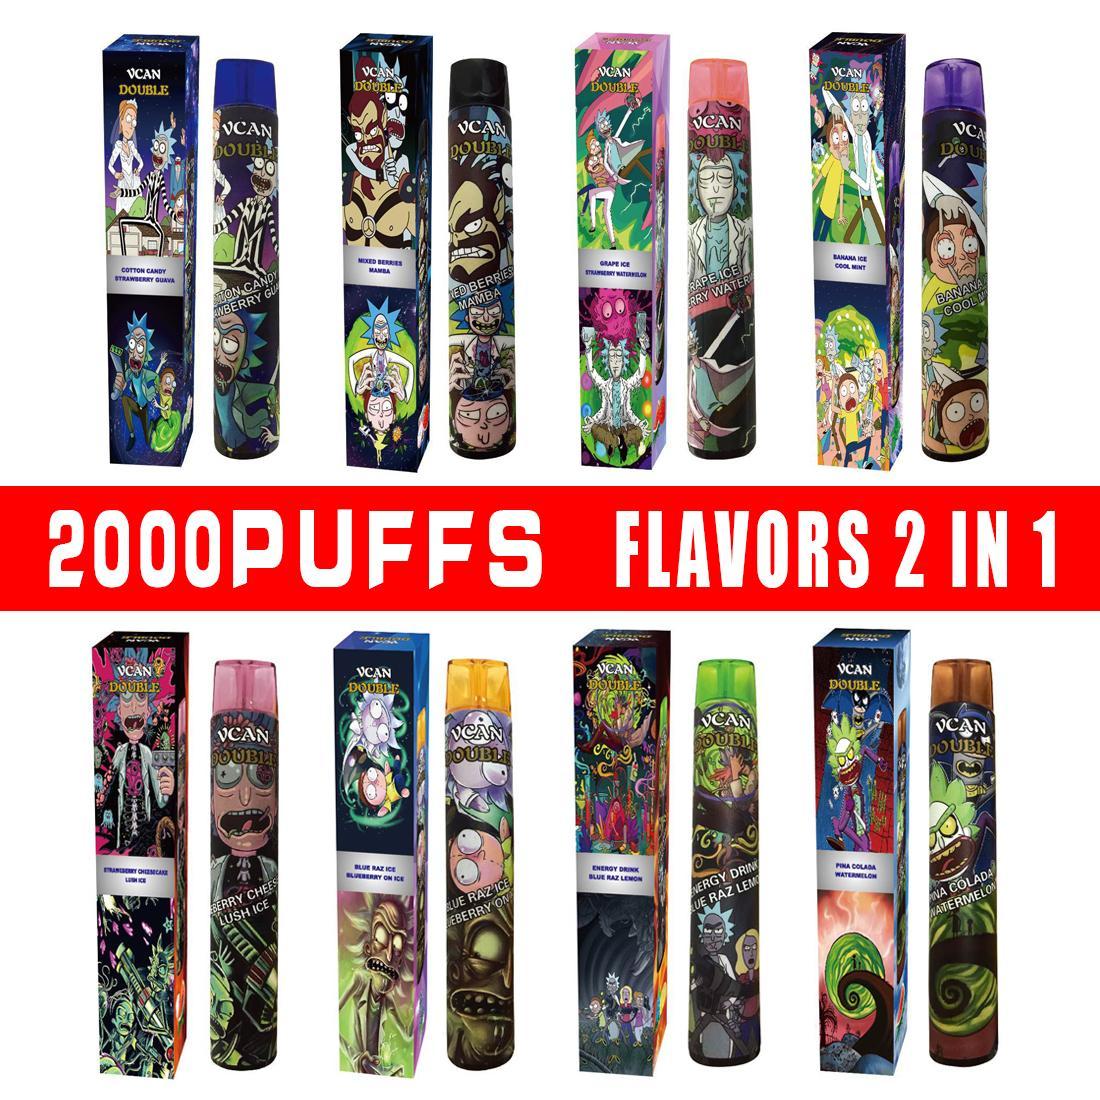 ORIGINAL 2000Puffs 2in1 Sabores Dispositivo descartável 8ml Pen Vape Vcan Double RM com bateria forte Transporte rápido de alta qualidade